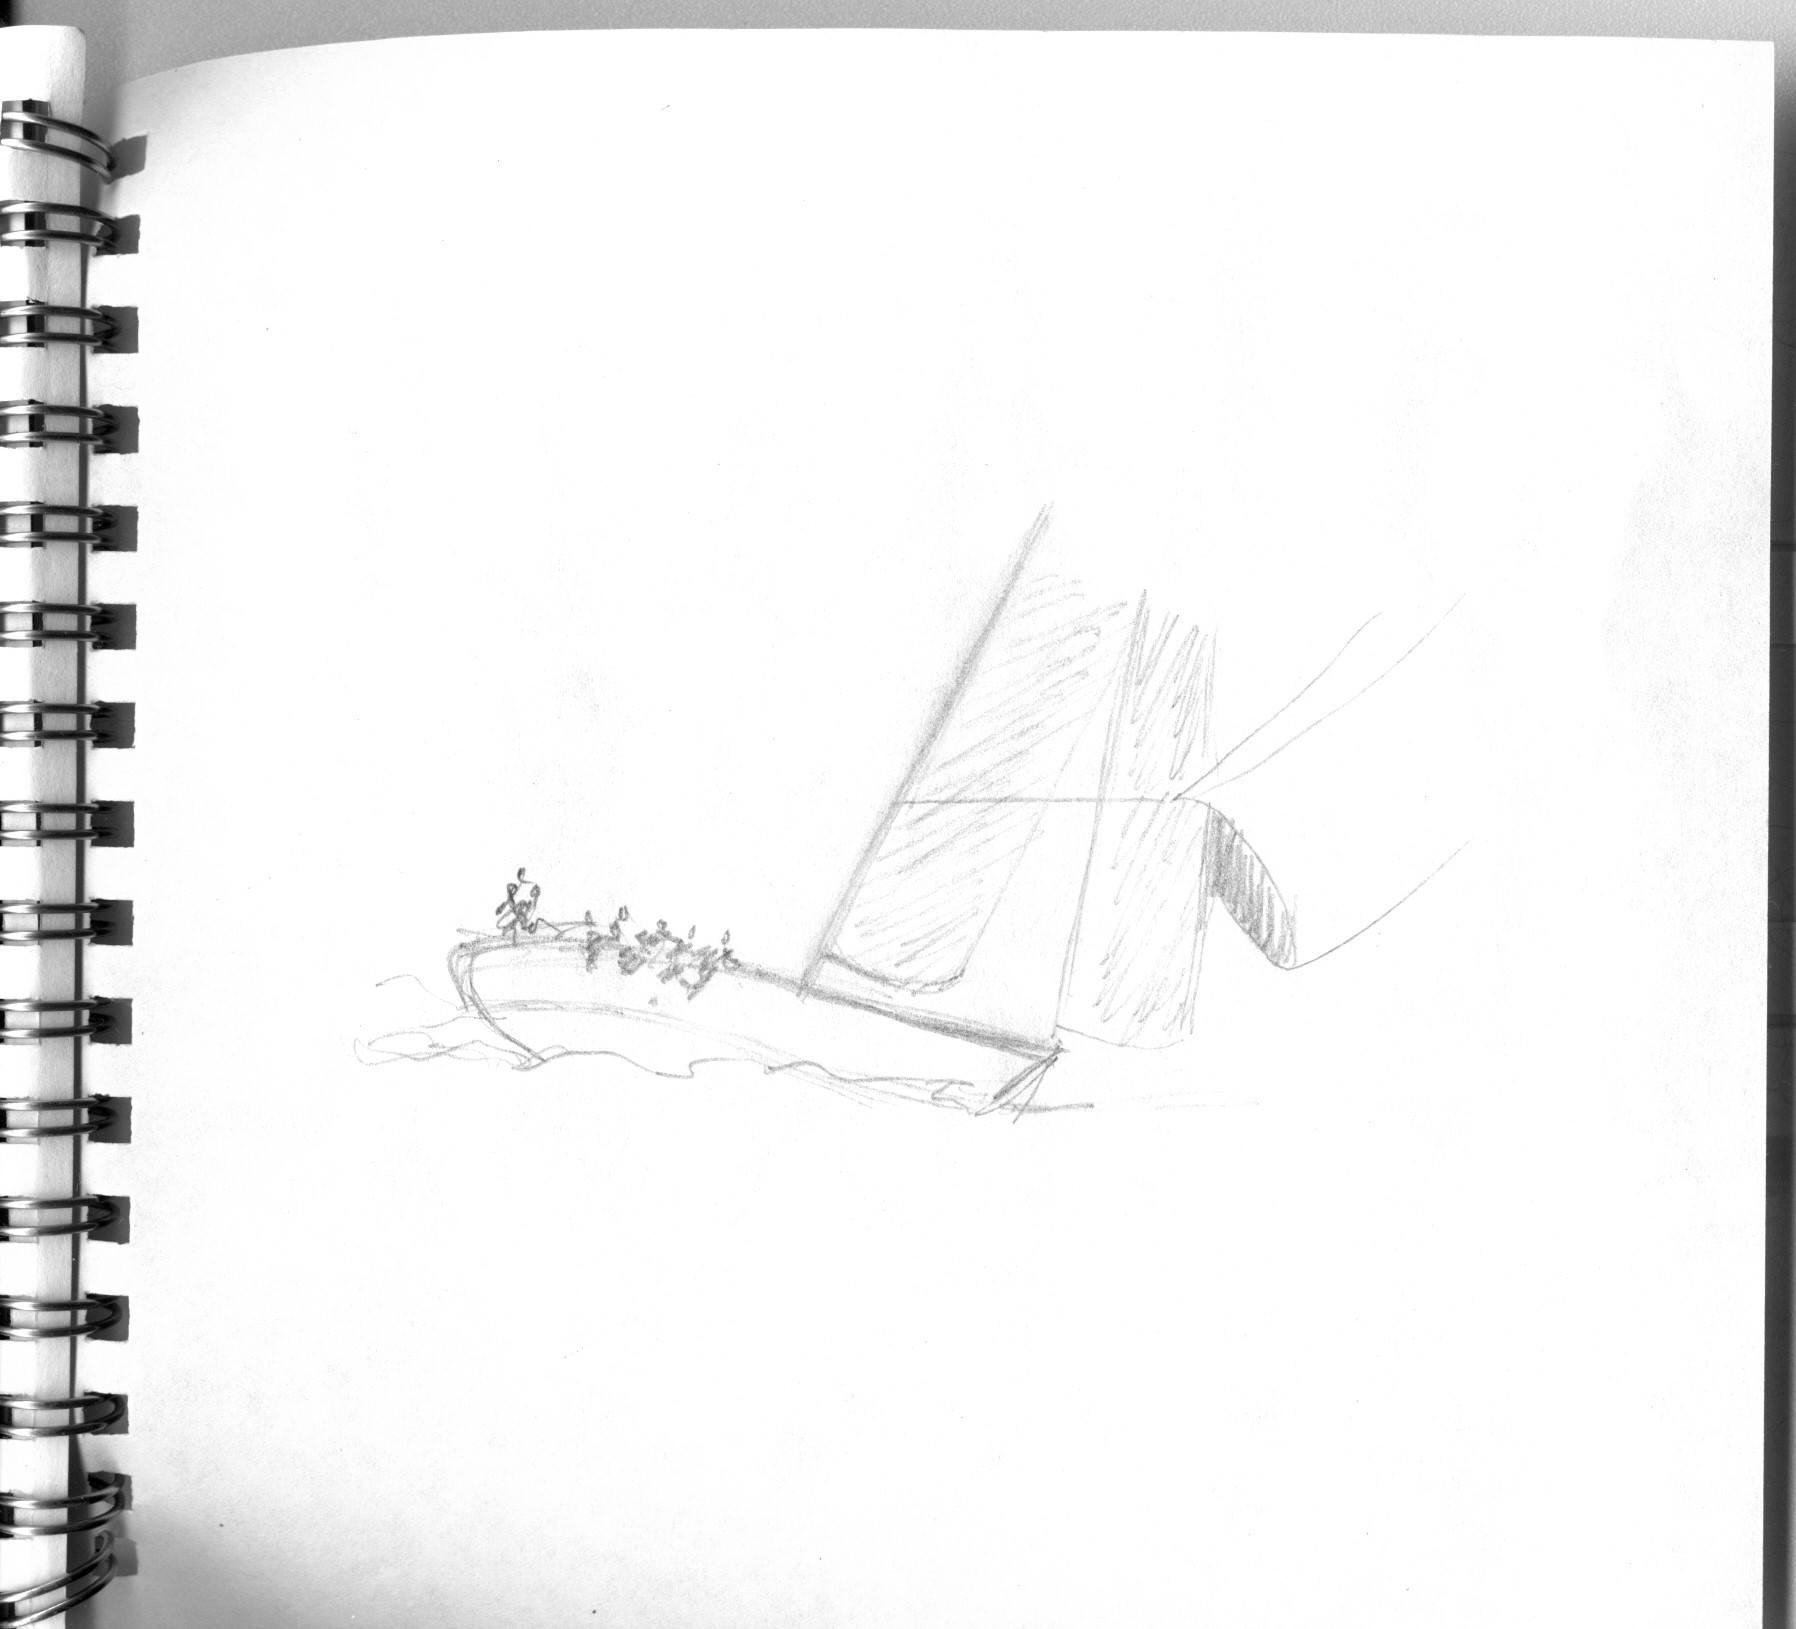 Sailing drawing 8.jpg